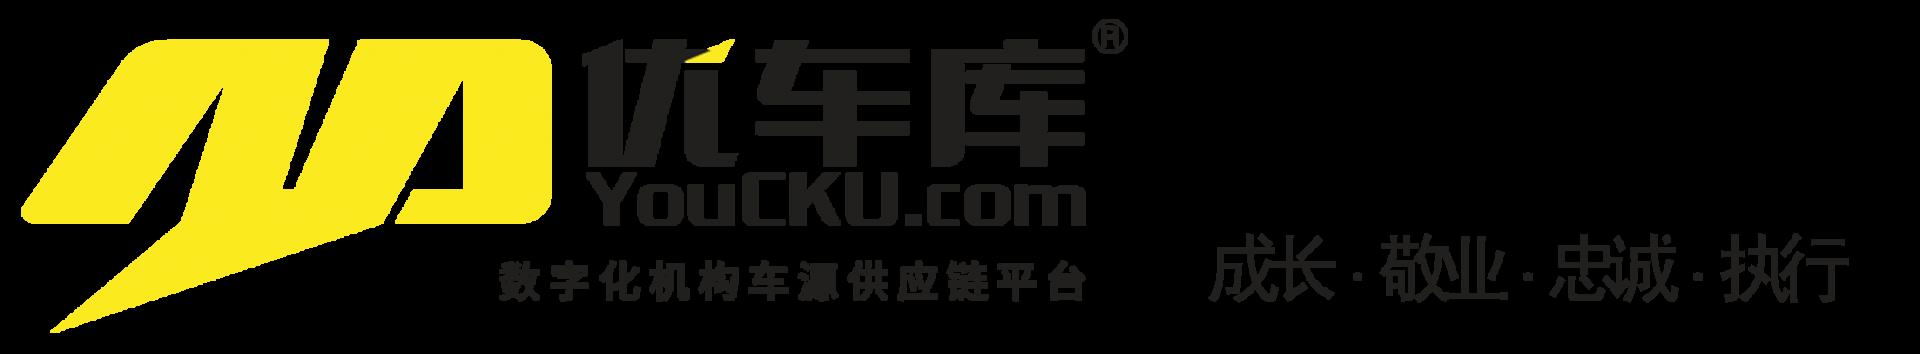 优车库网络科技发展(深圳)有限公司